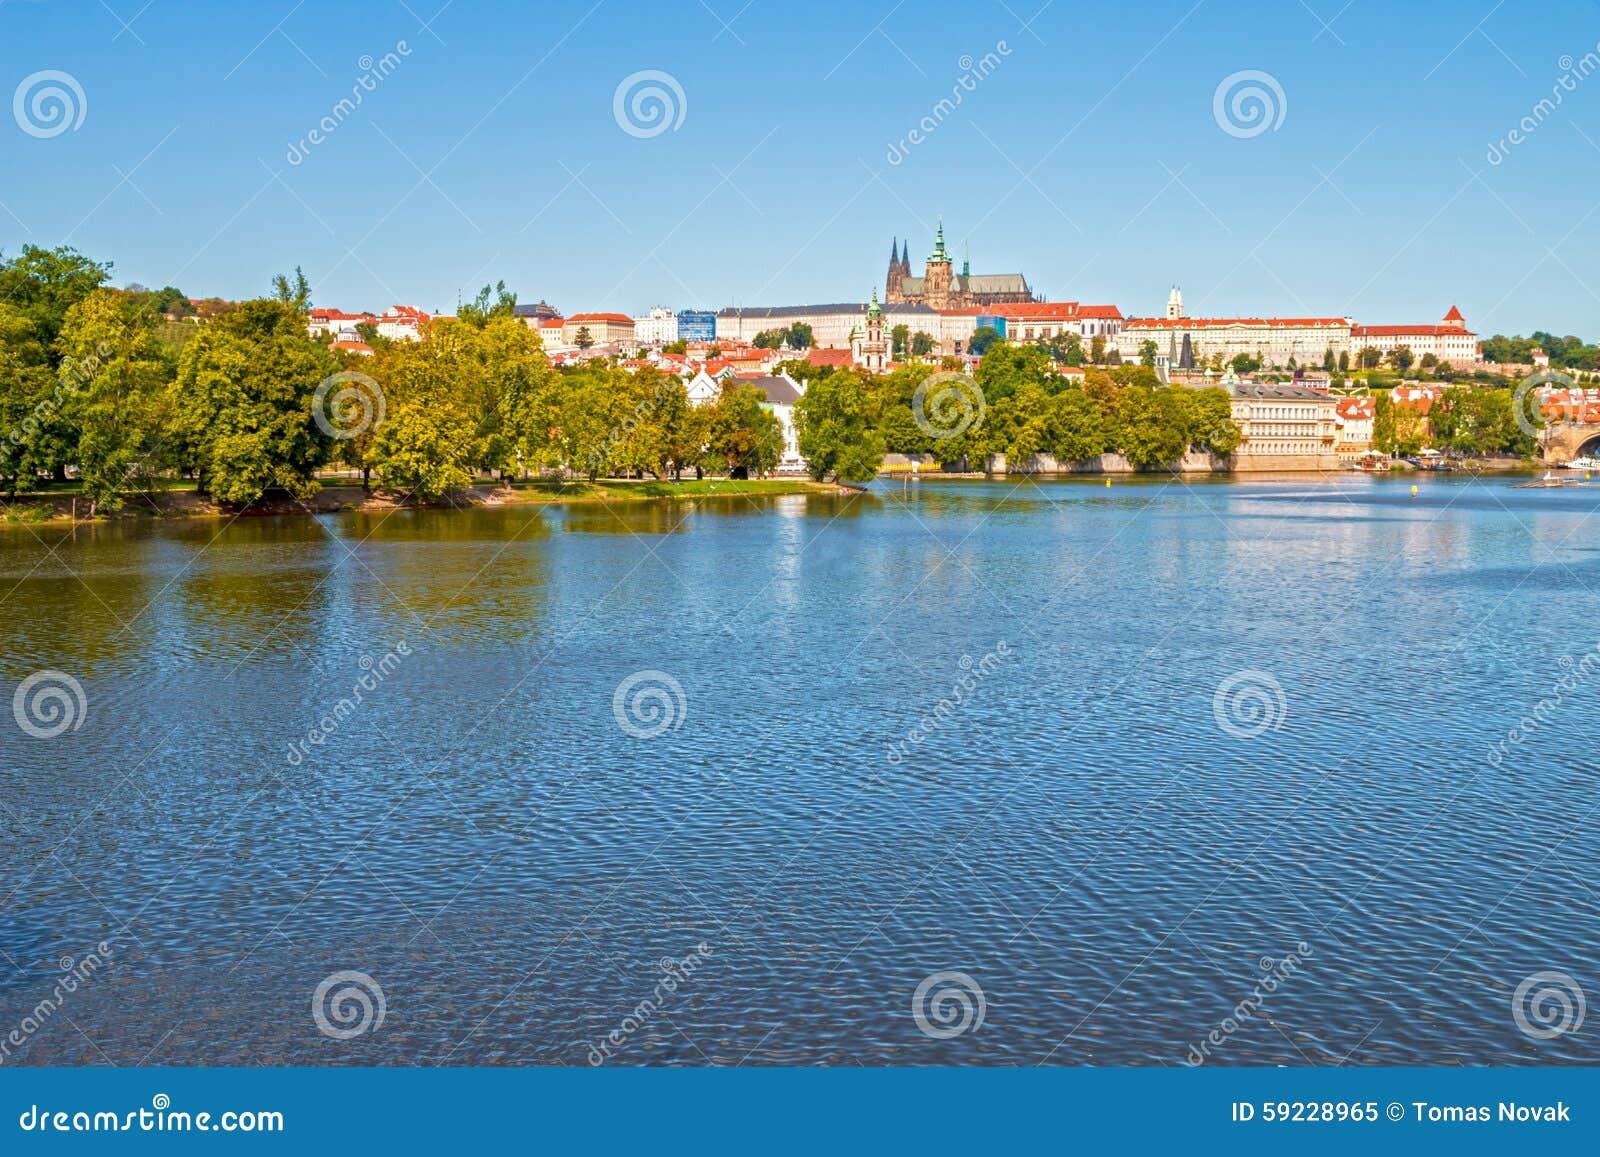 Download Castillo De Praga Y Puente De Charles Imagen de archivo - Imagen de colina, destinaciones: 59228965